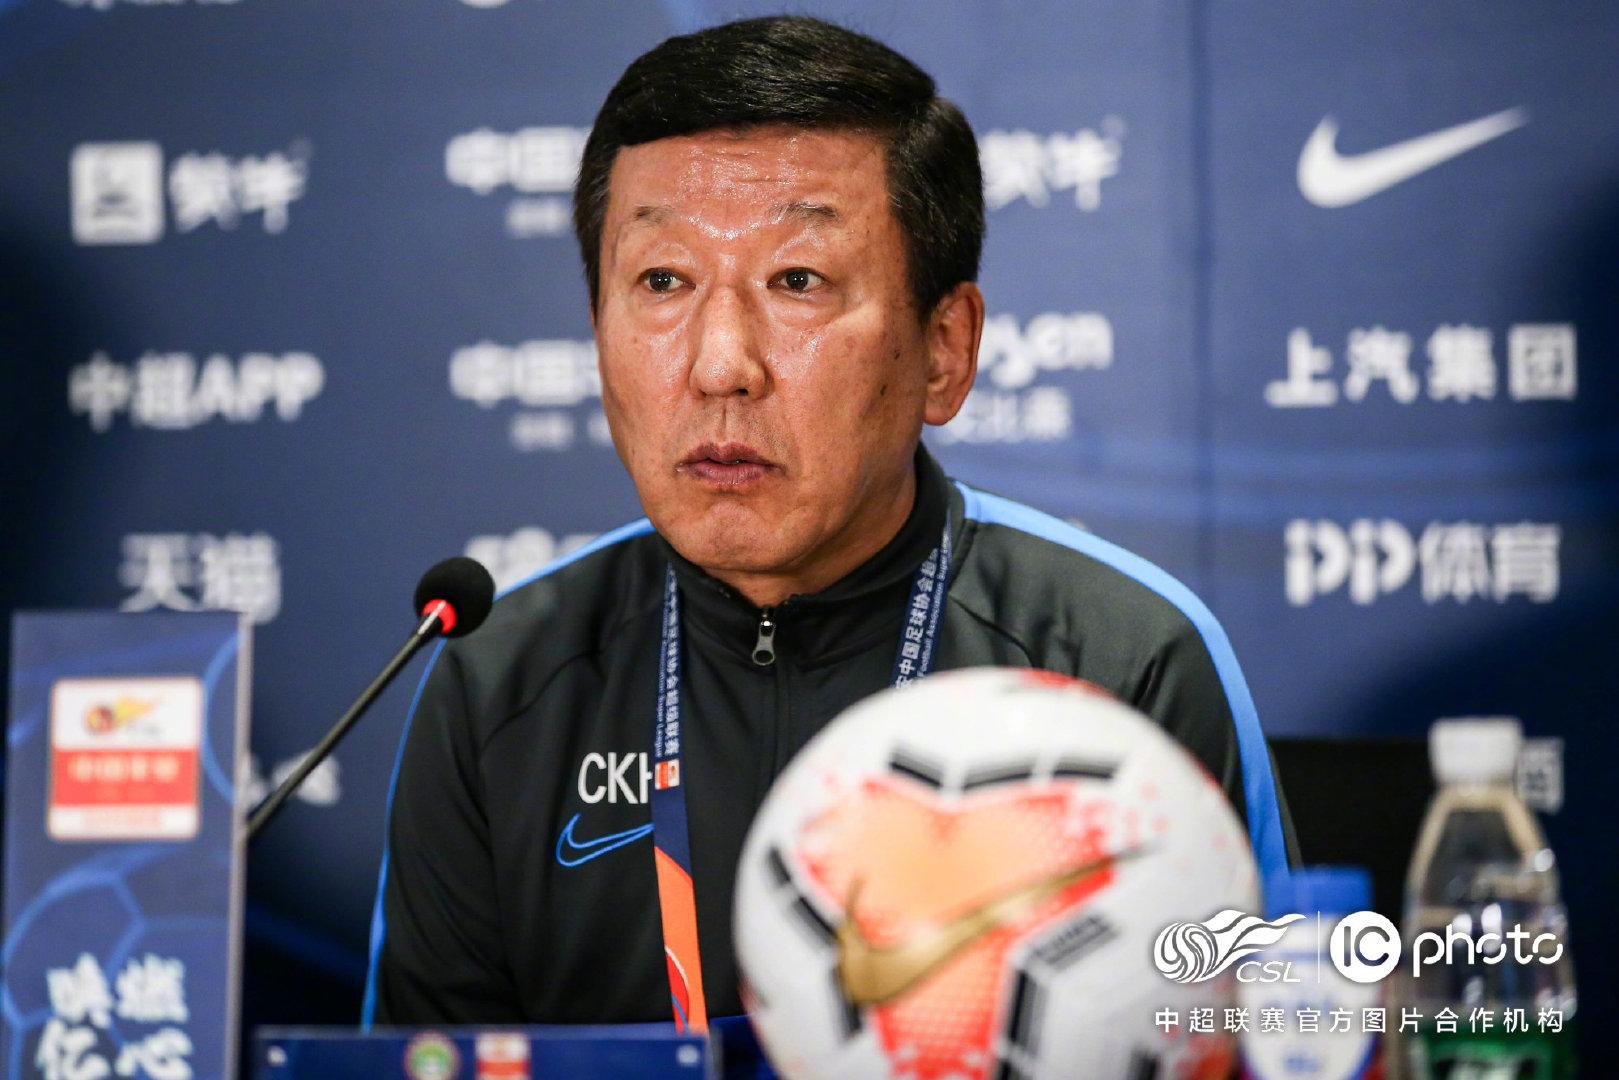 申花主帅崔康熙赛后表示,球员的拼劲让他感动。